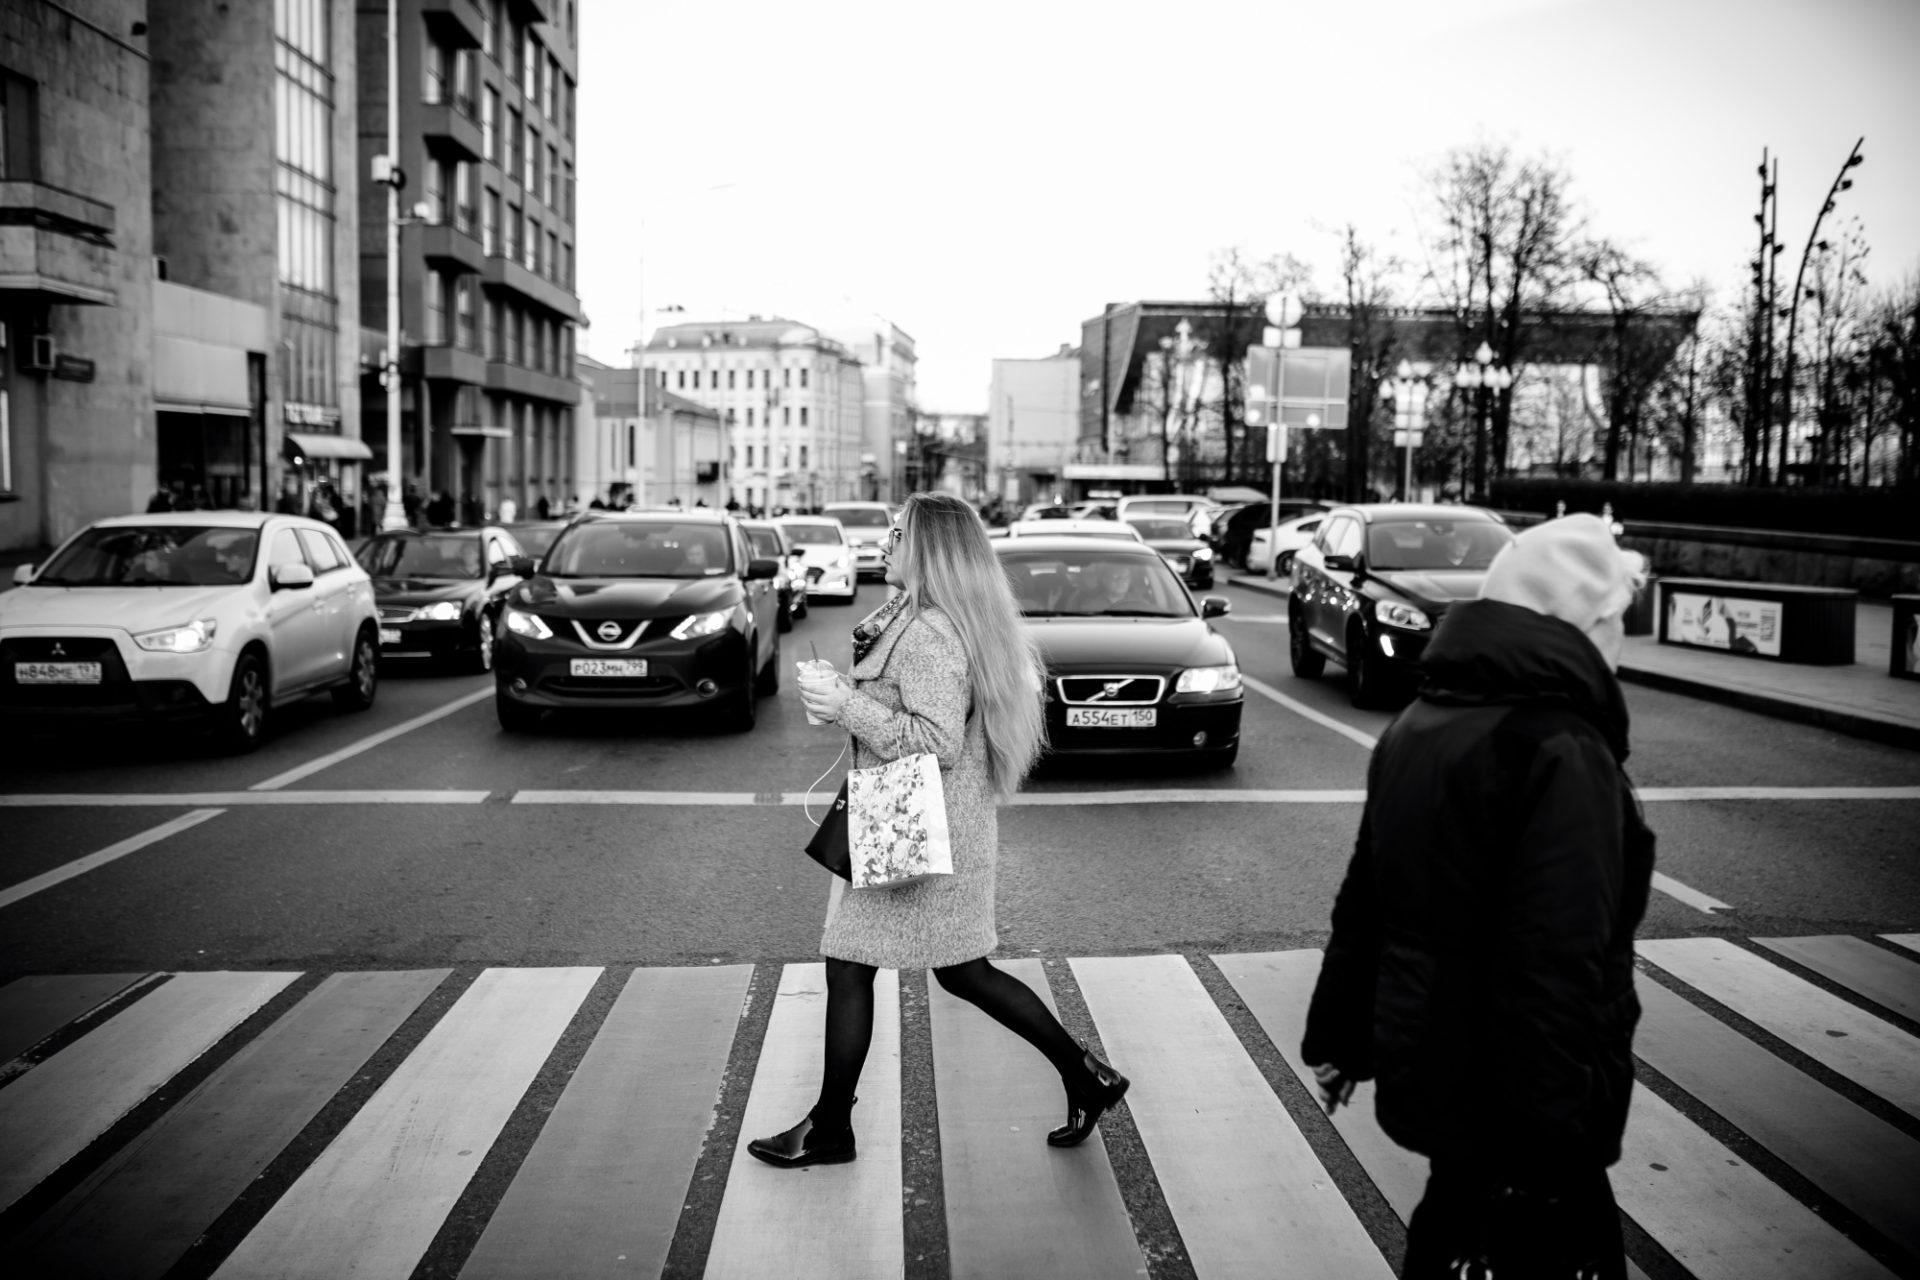 Moskau_2019_003